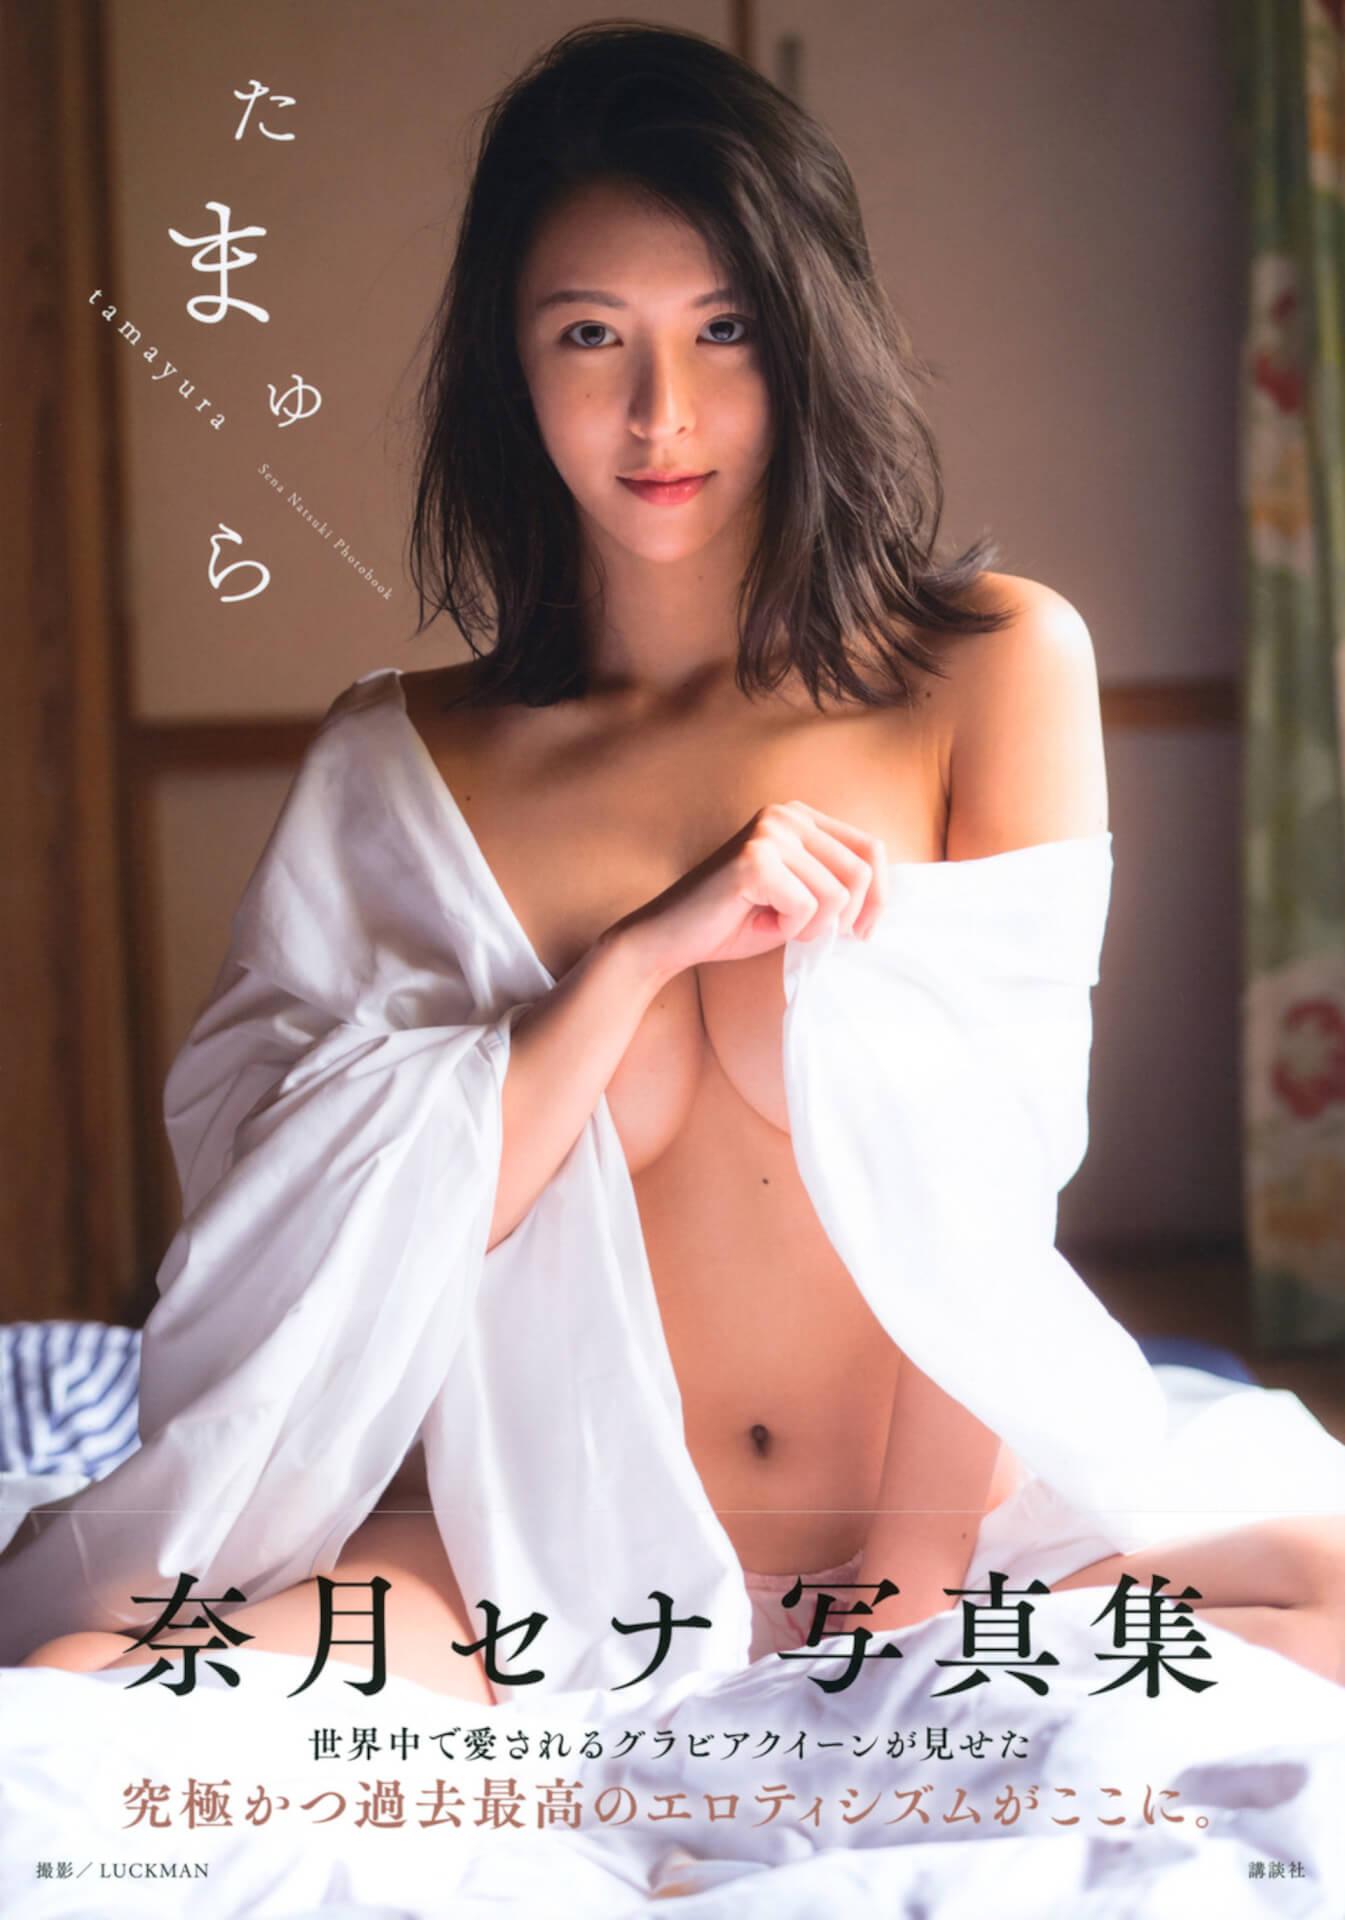 写真集『たまゆら』でセクシーすぎる横乳を披露した奈月セナがサイン本お渡し会を開催!コメントも到着 art210705_natsukisena_8